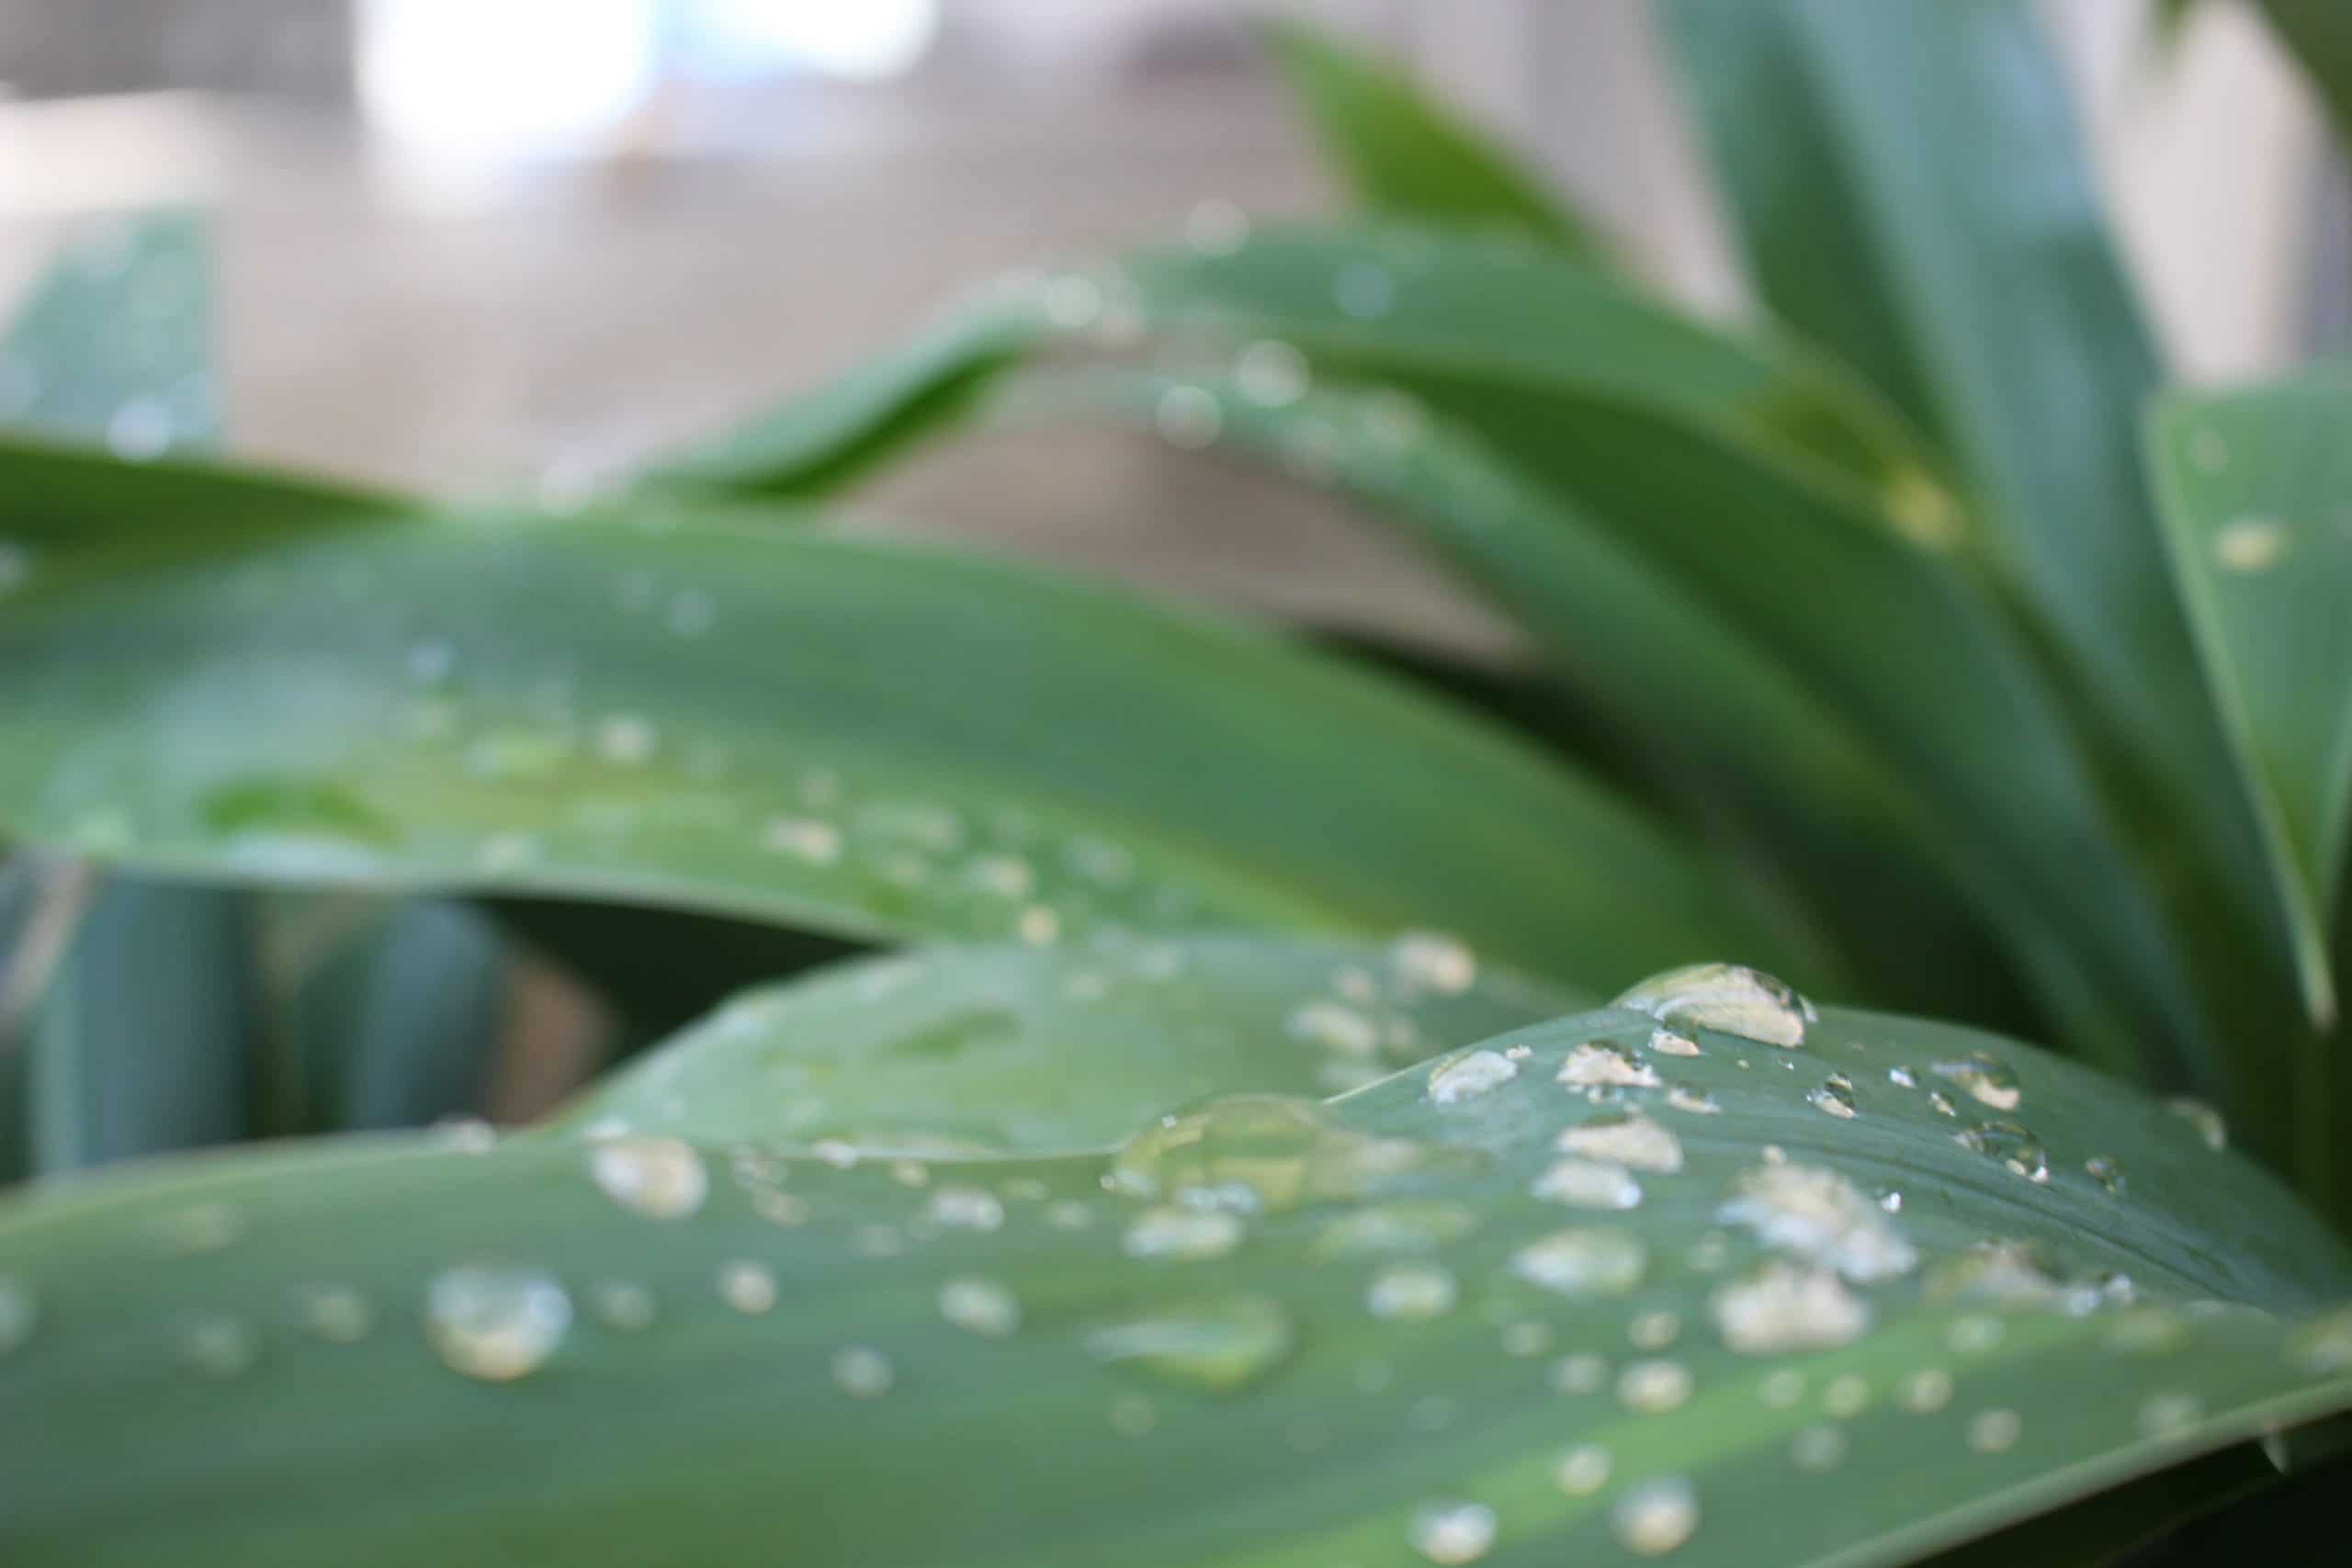 Los microorganismos pueden dañar a las plantas